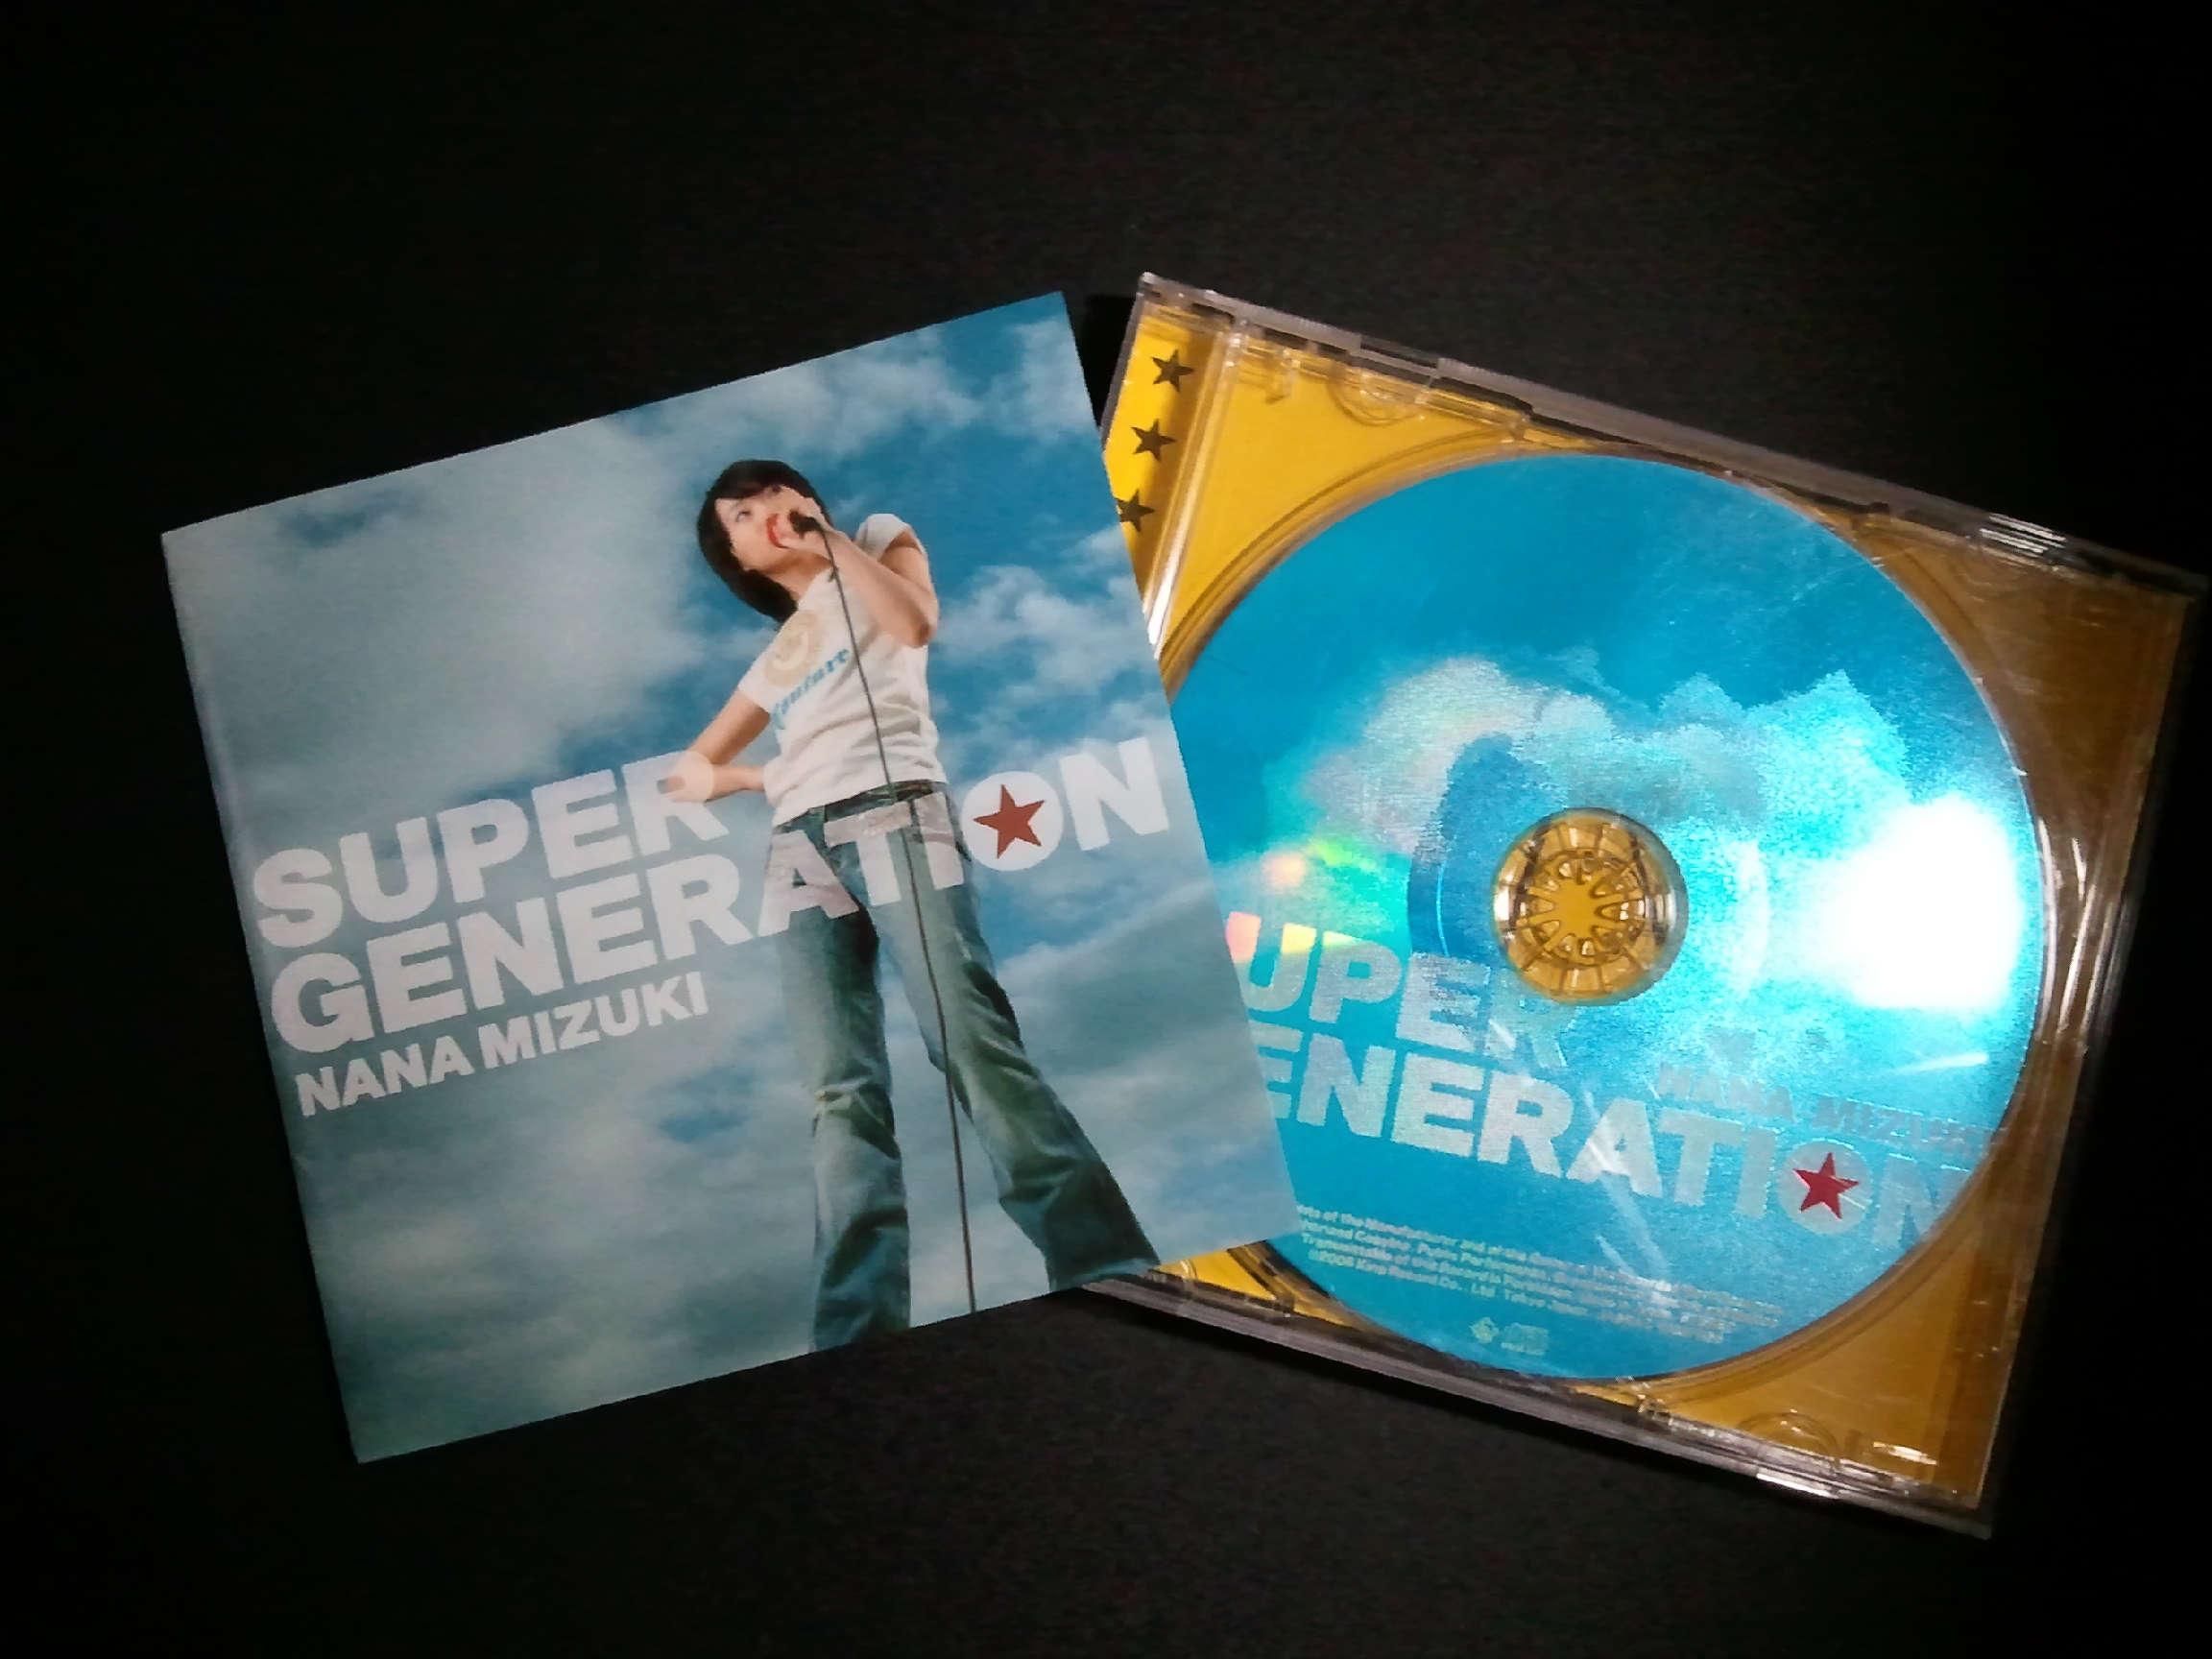 水樹奈々 Super Generation